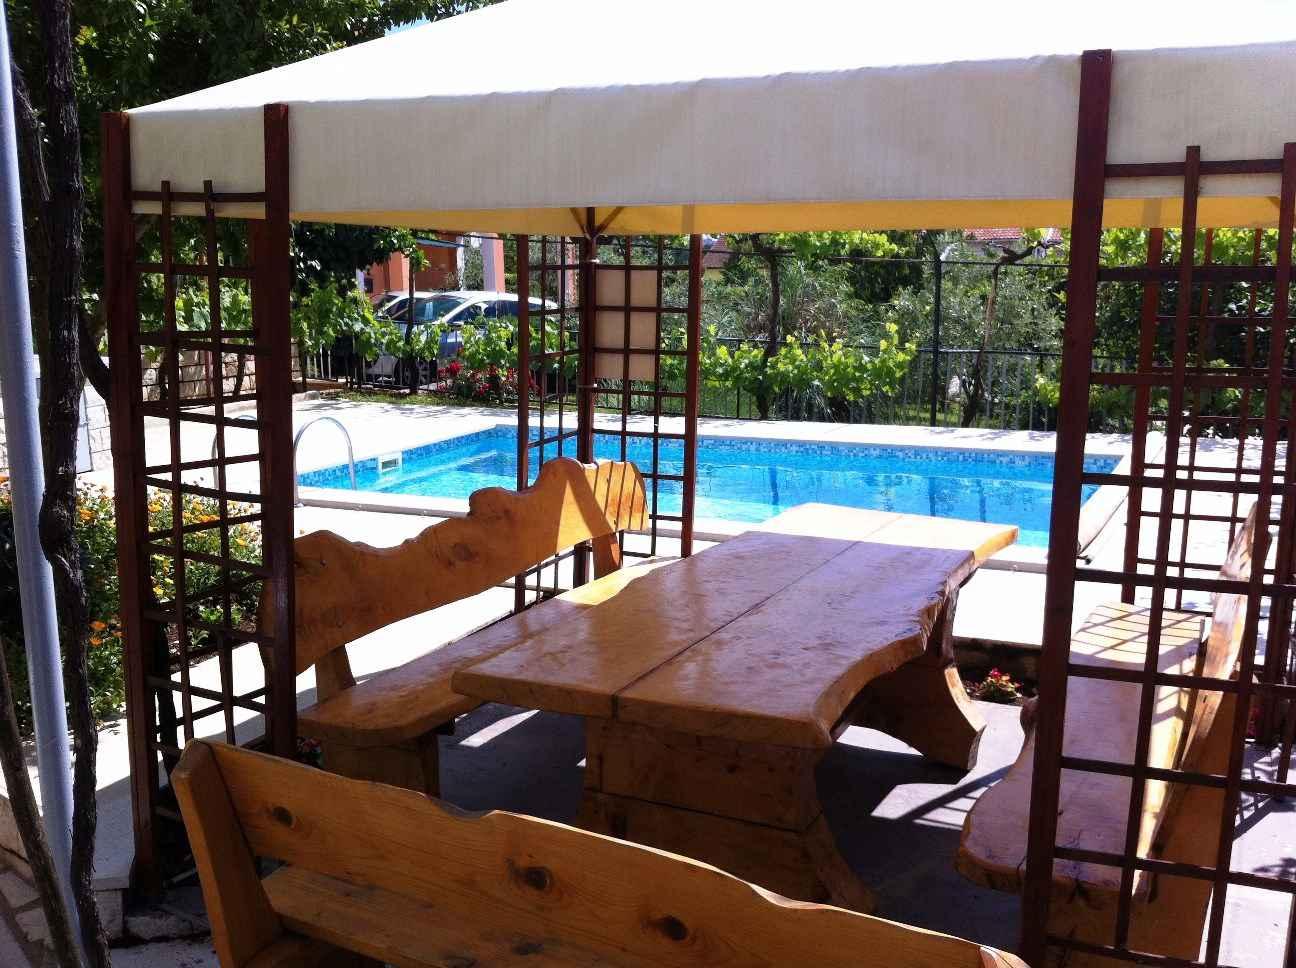 Ferienwohnung mit Pool und Grill (280662), Pula, , Istrien, Kroatien, Bild 6